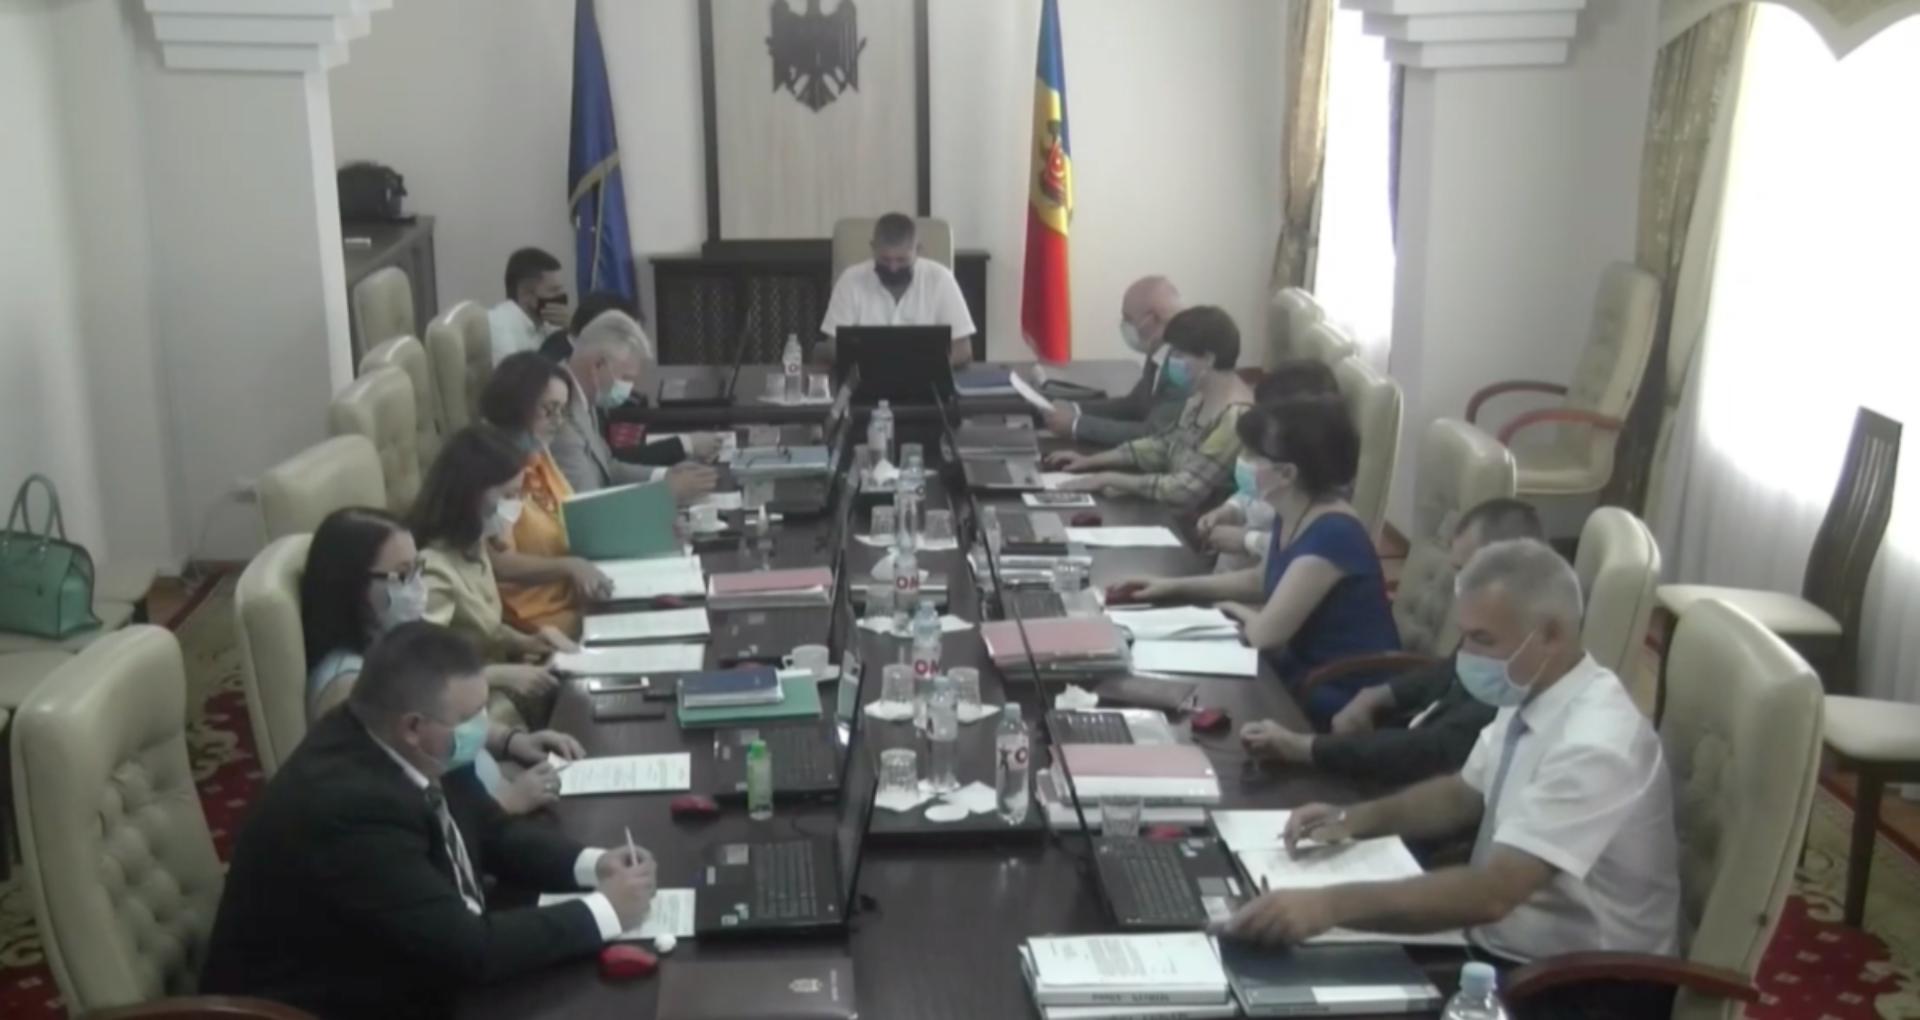 VIDEO/ Ședință importantă la CSM: Candidații promovați de CSM la funcții de conducere în mai multe instanțe din țară